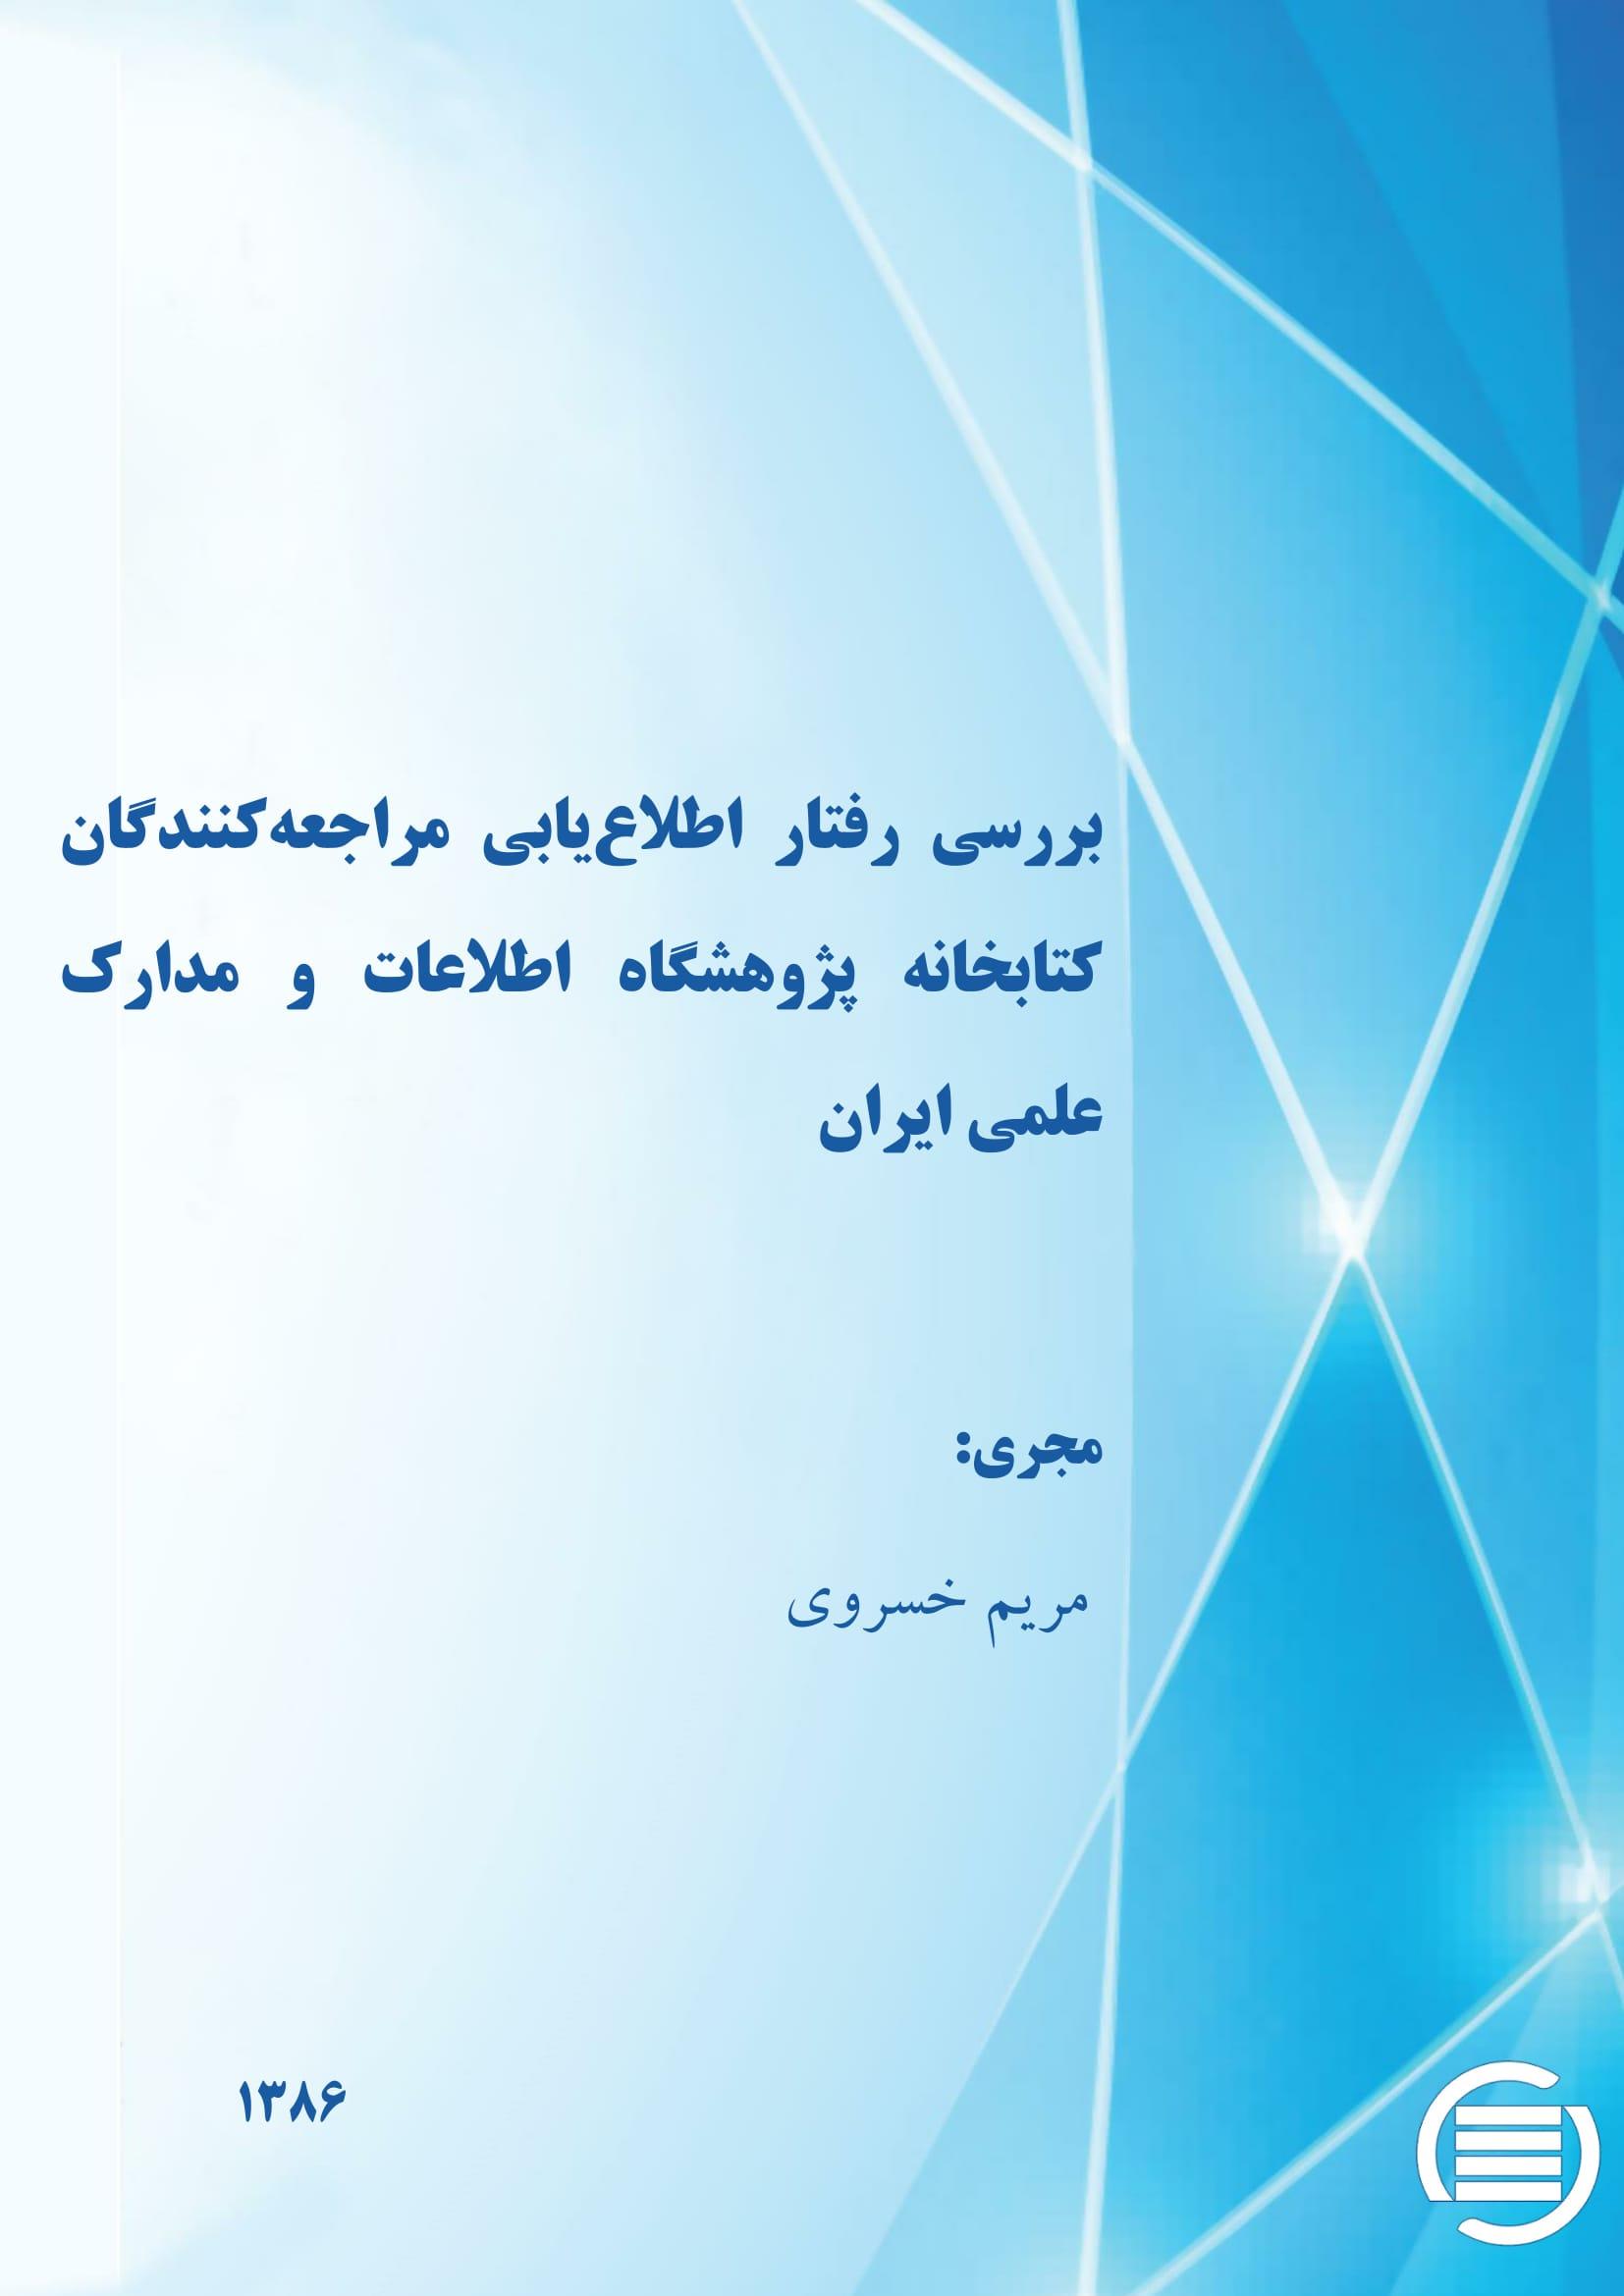 بررسی رفتار اطلاعیابی مراجعهکنندگان کتابخانه پژوهشگاه اطلاعات و مدارک علمی ایران